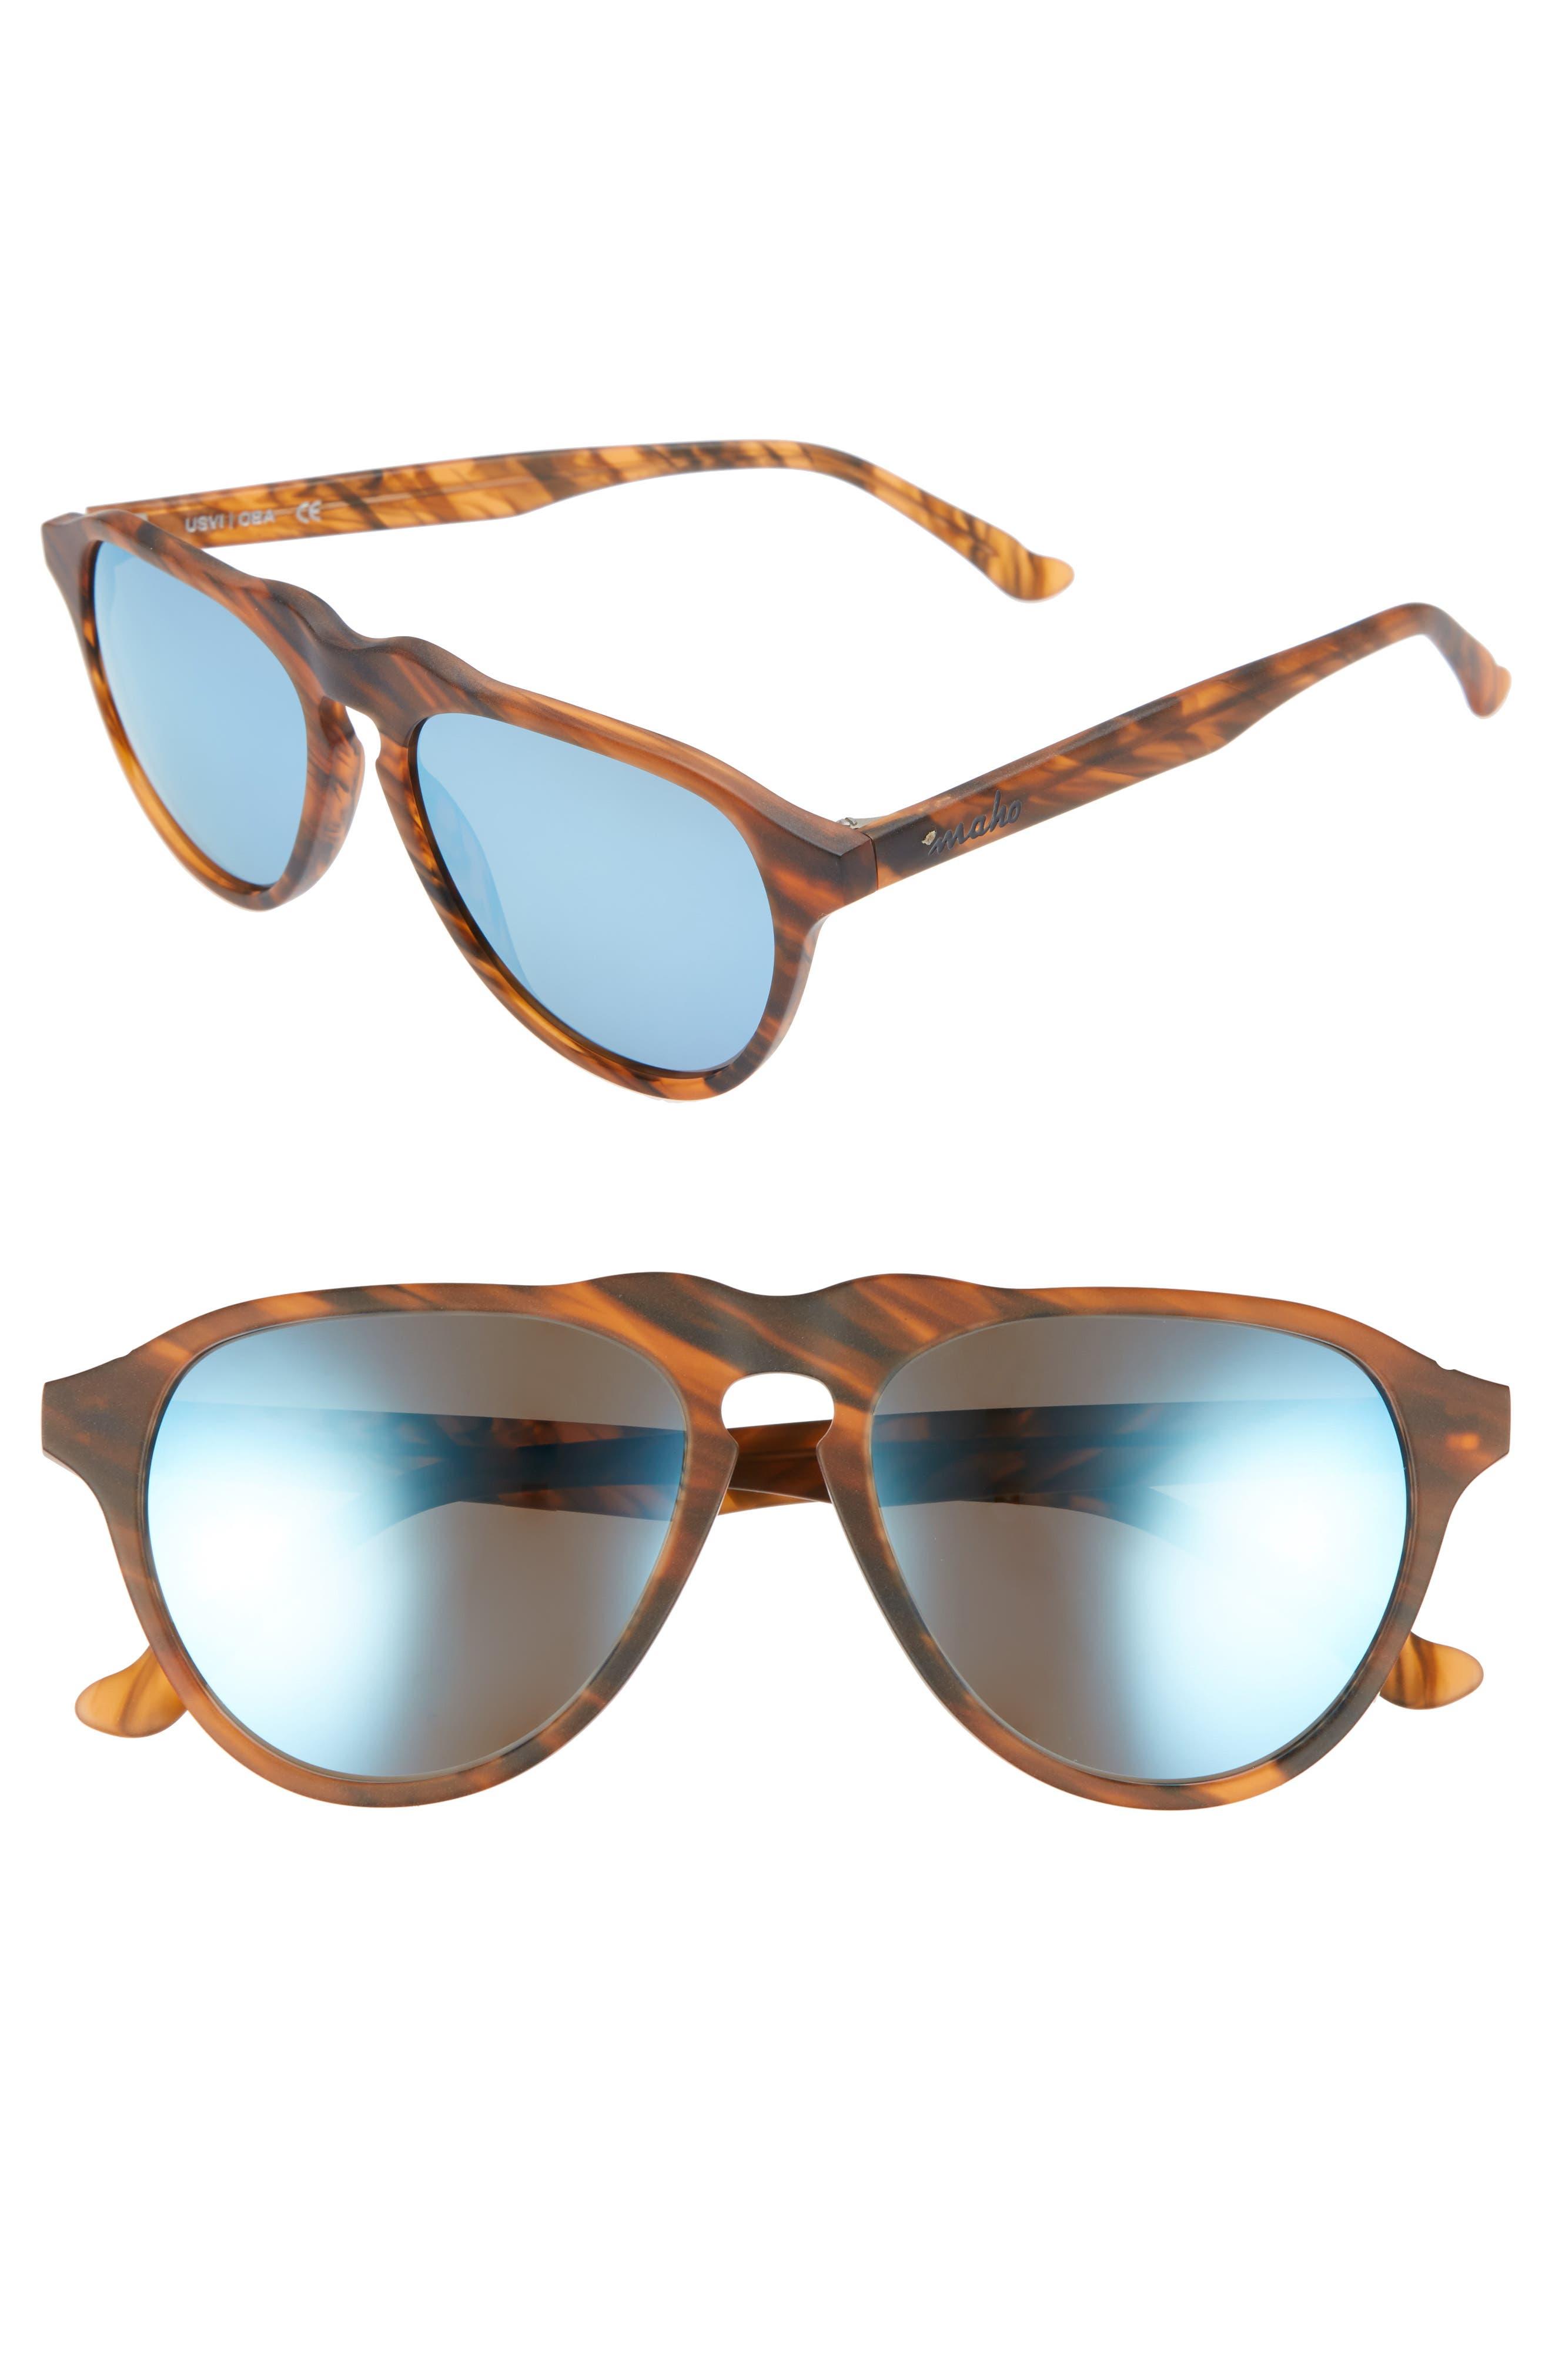 Main Image - Maho Nashville 54mm Polarized Aviator Sunglasses